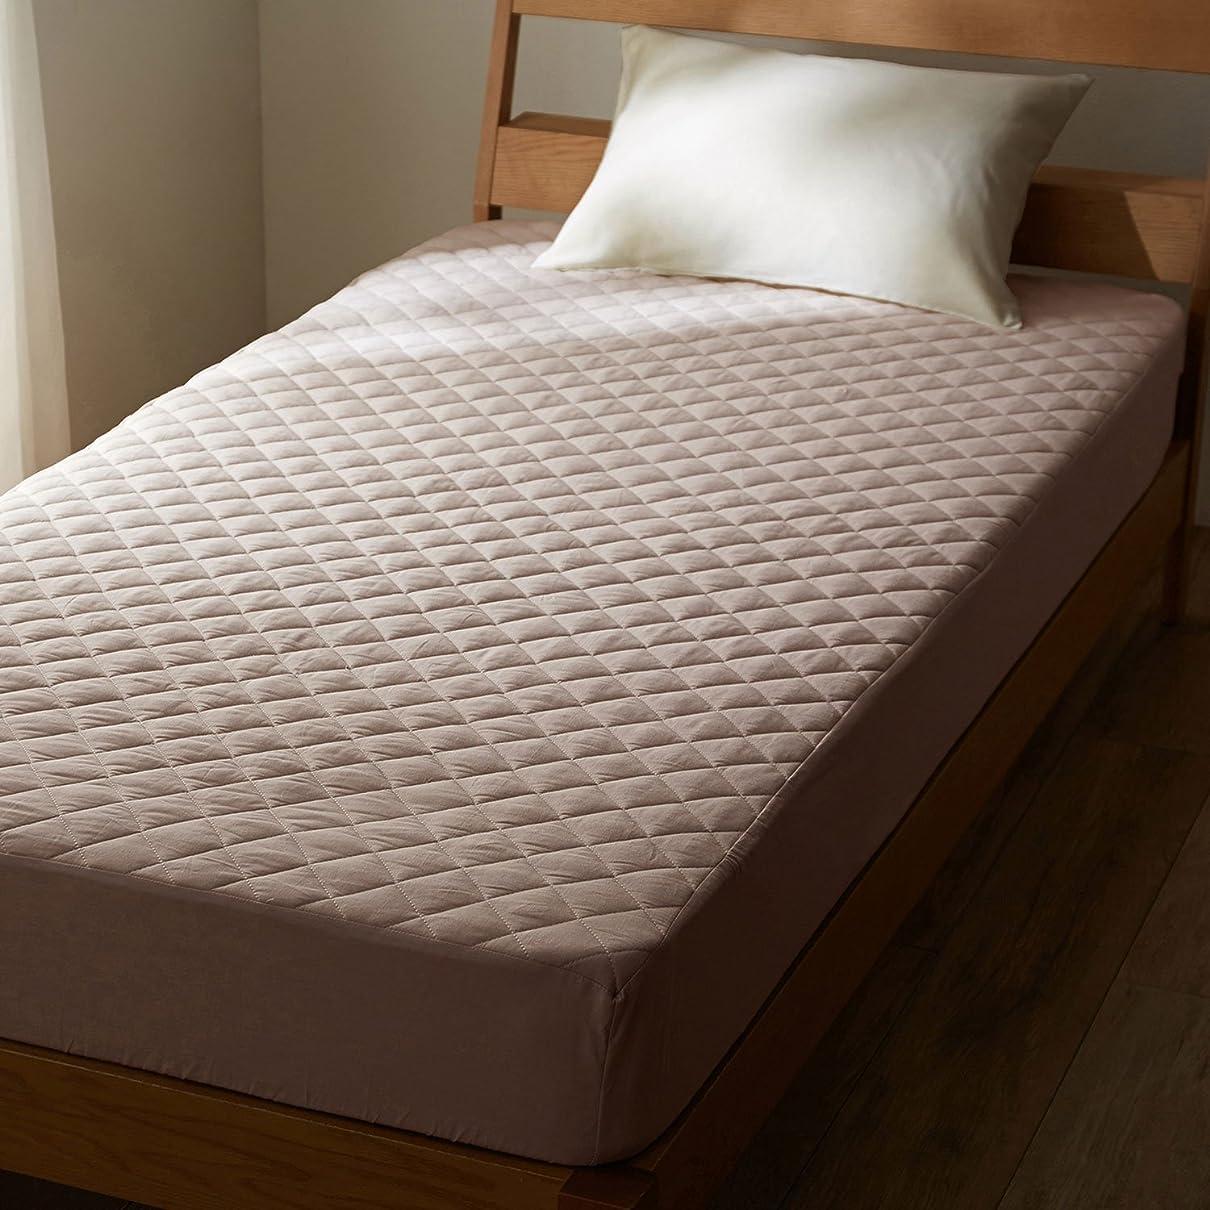 うそつき解釈的成り立つ[ベルメゾン] 先染め綿100%のボックスシーツ型敷きパッド グレー サイズ:キング